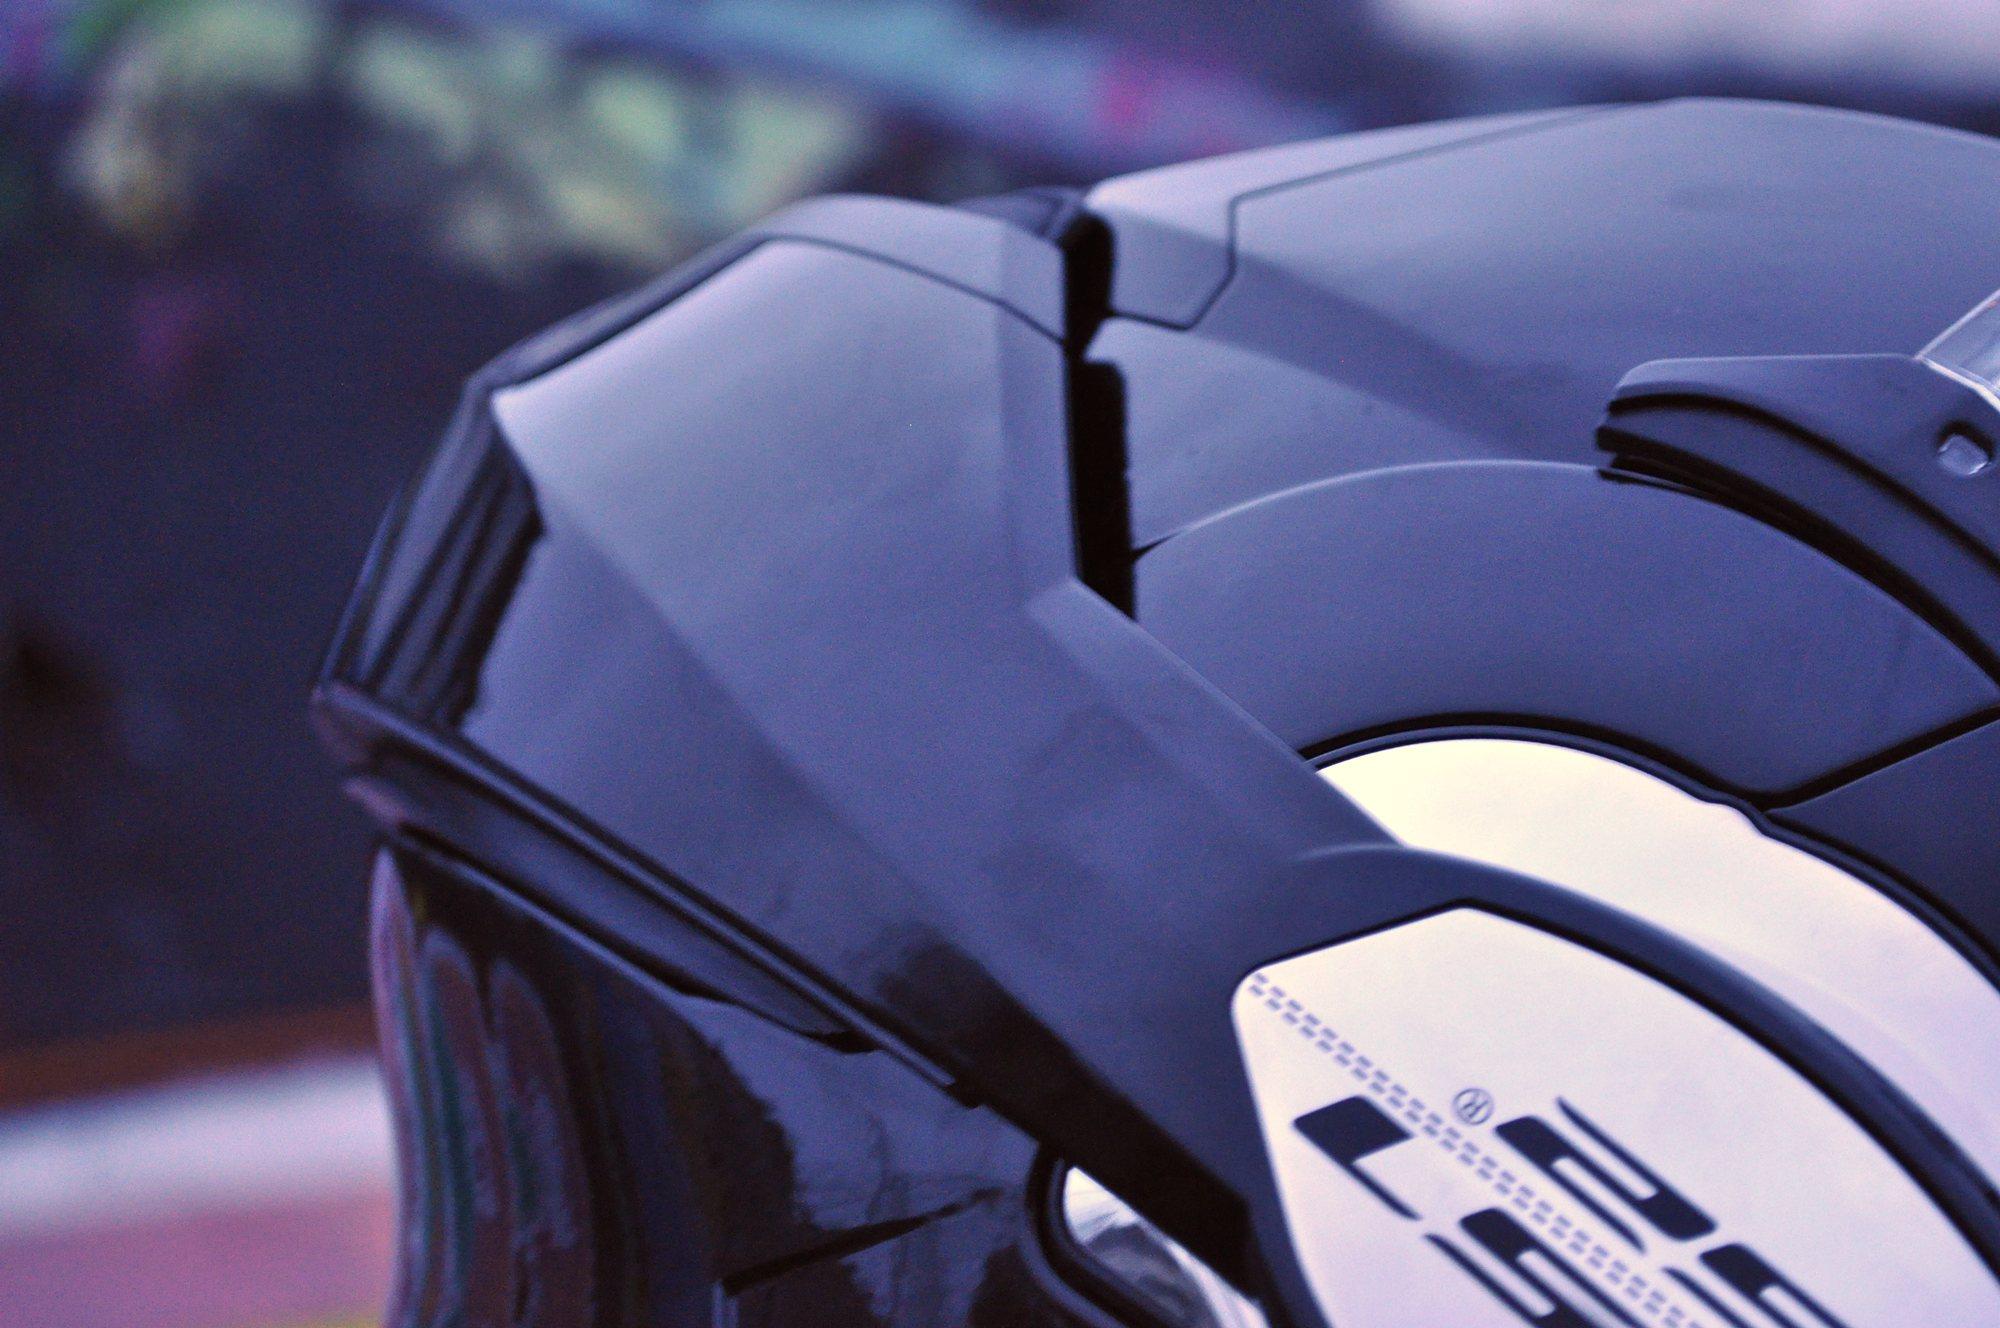 La mentonera se desbloquea mediante un botón y se desplaza fácilmente hasta la parte trasera del casco